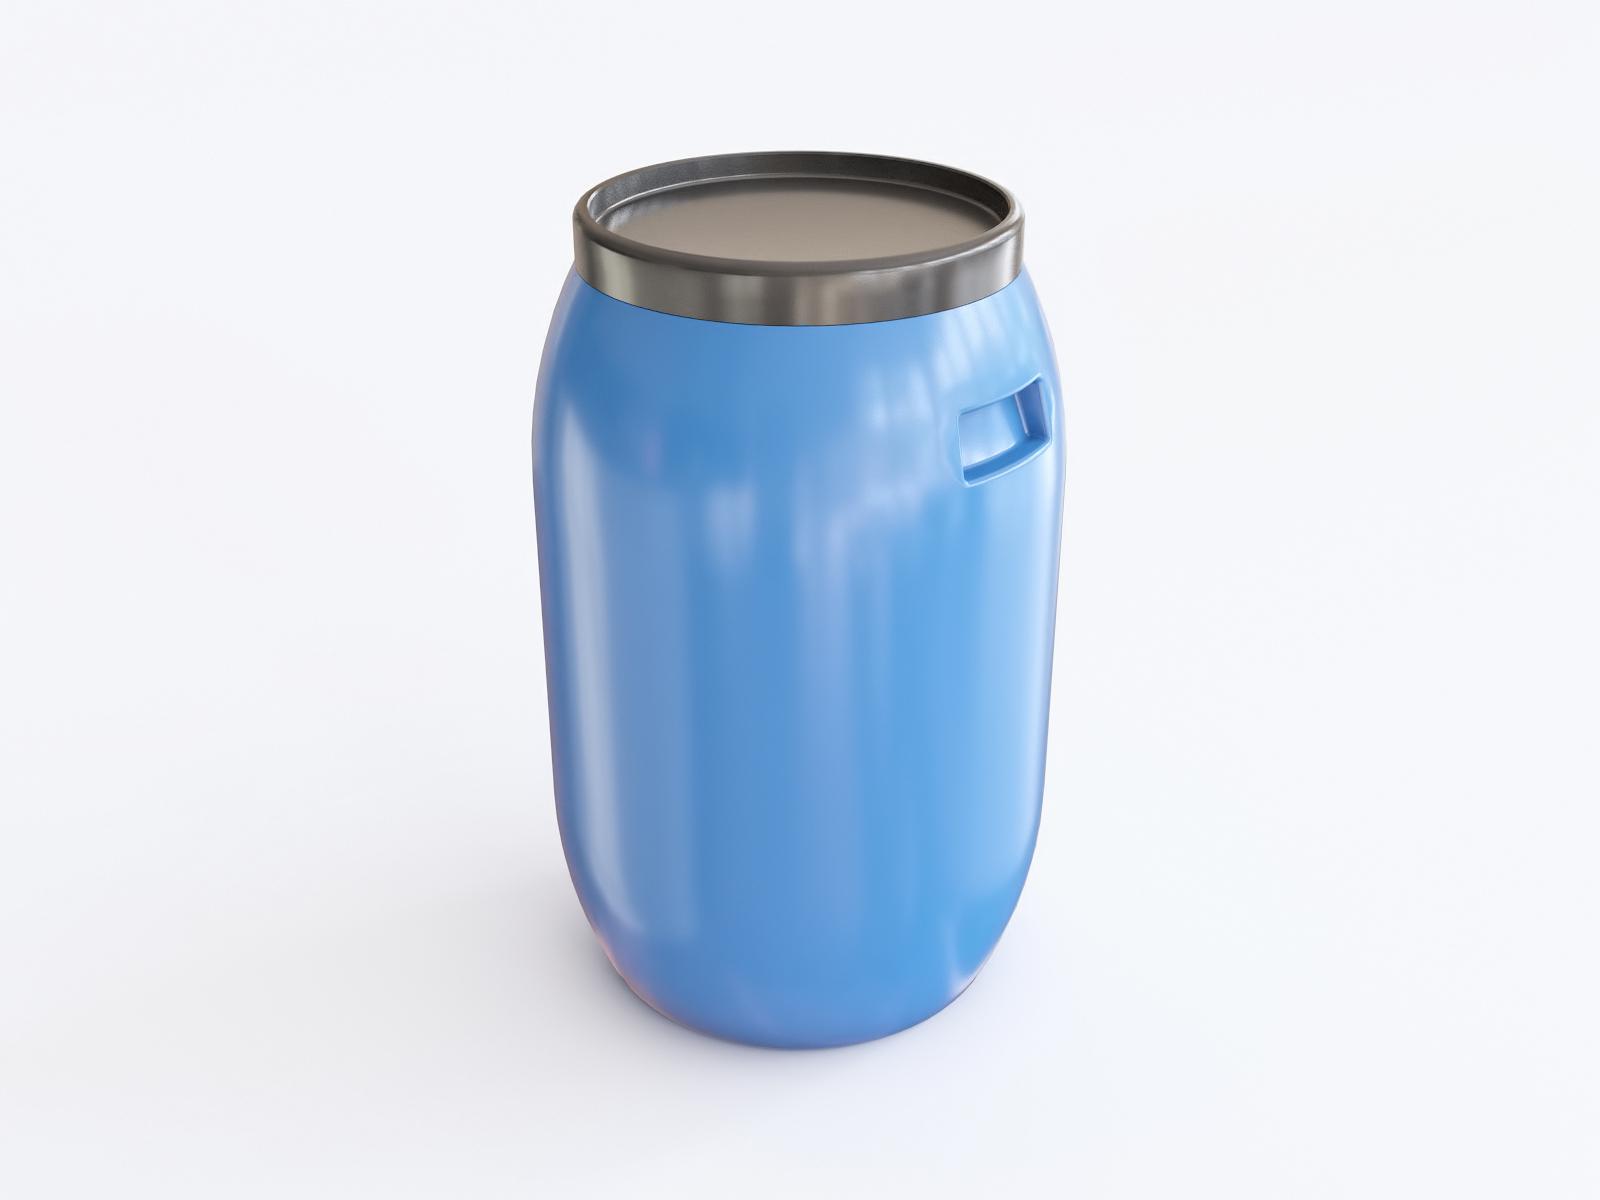 خرید انواع دبه 120 لیتری ایرانی درجه یک | قیمت مناسب